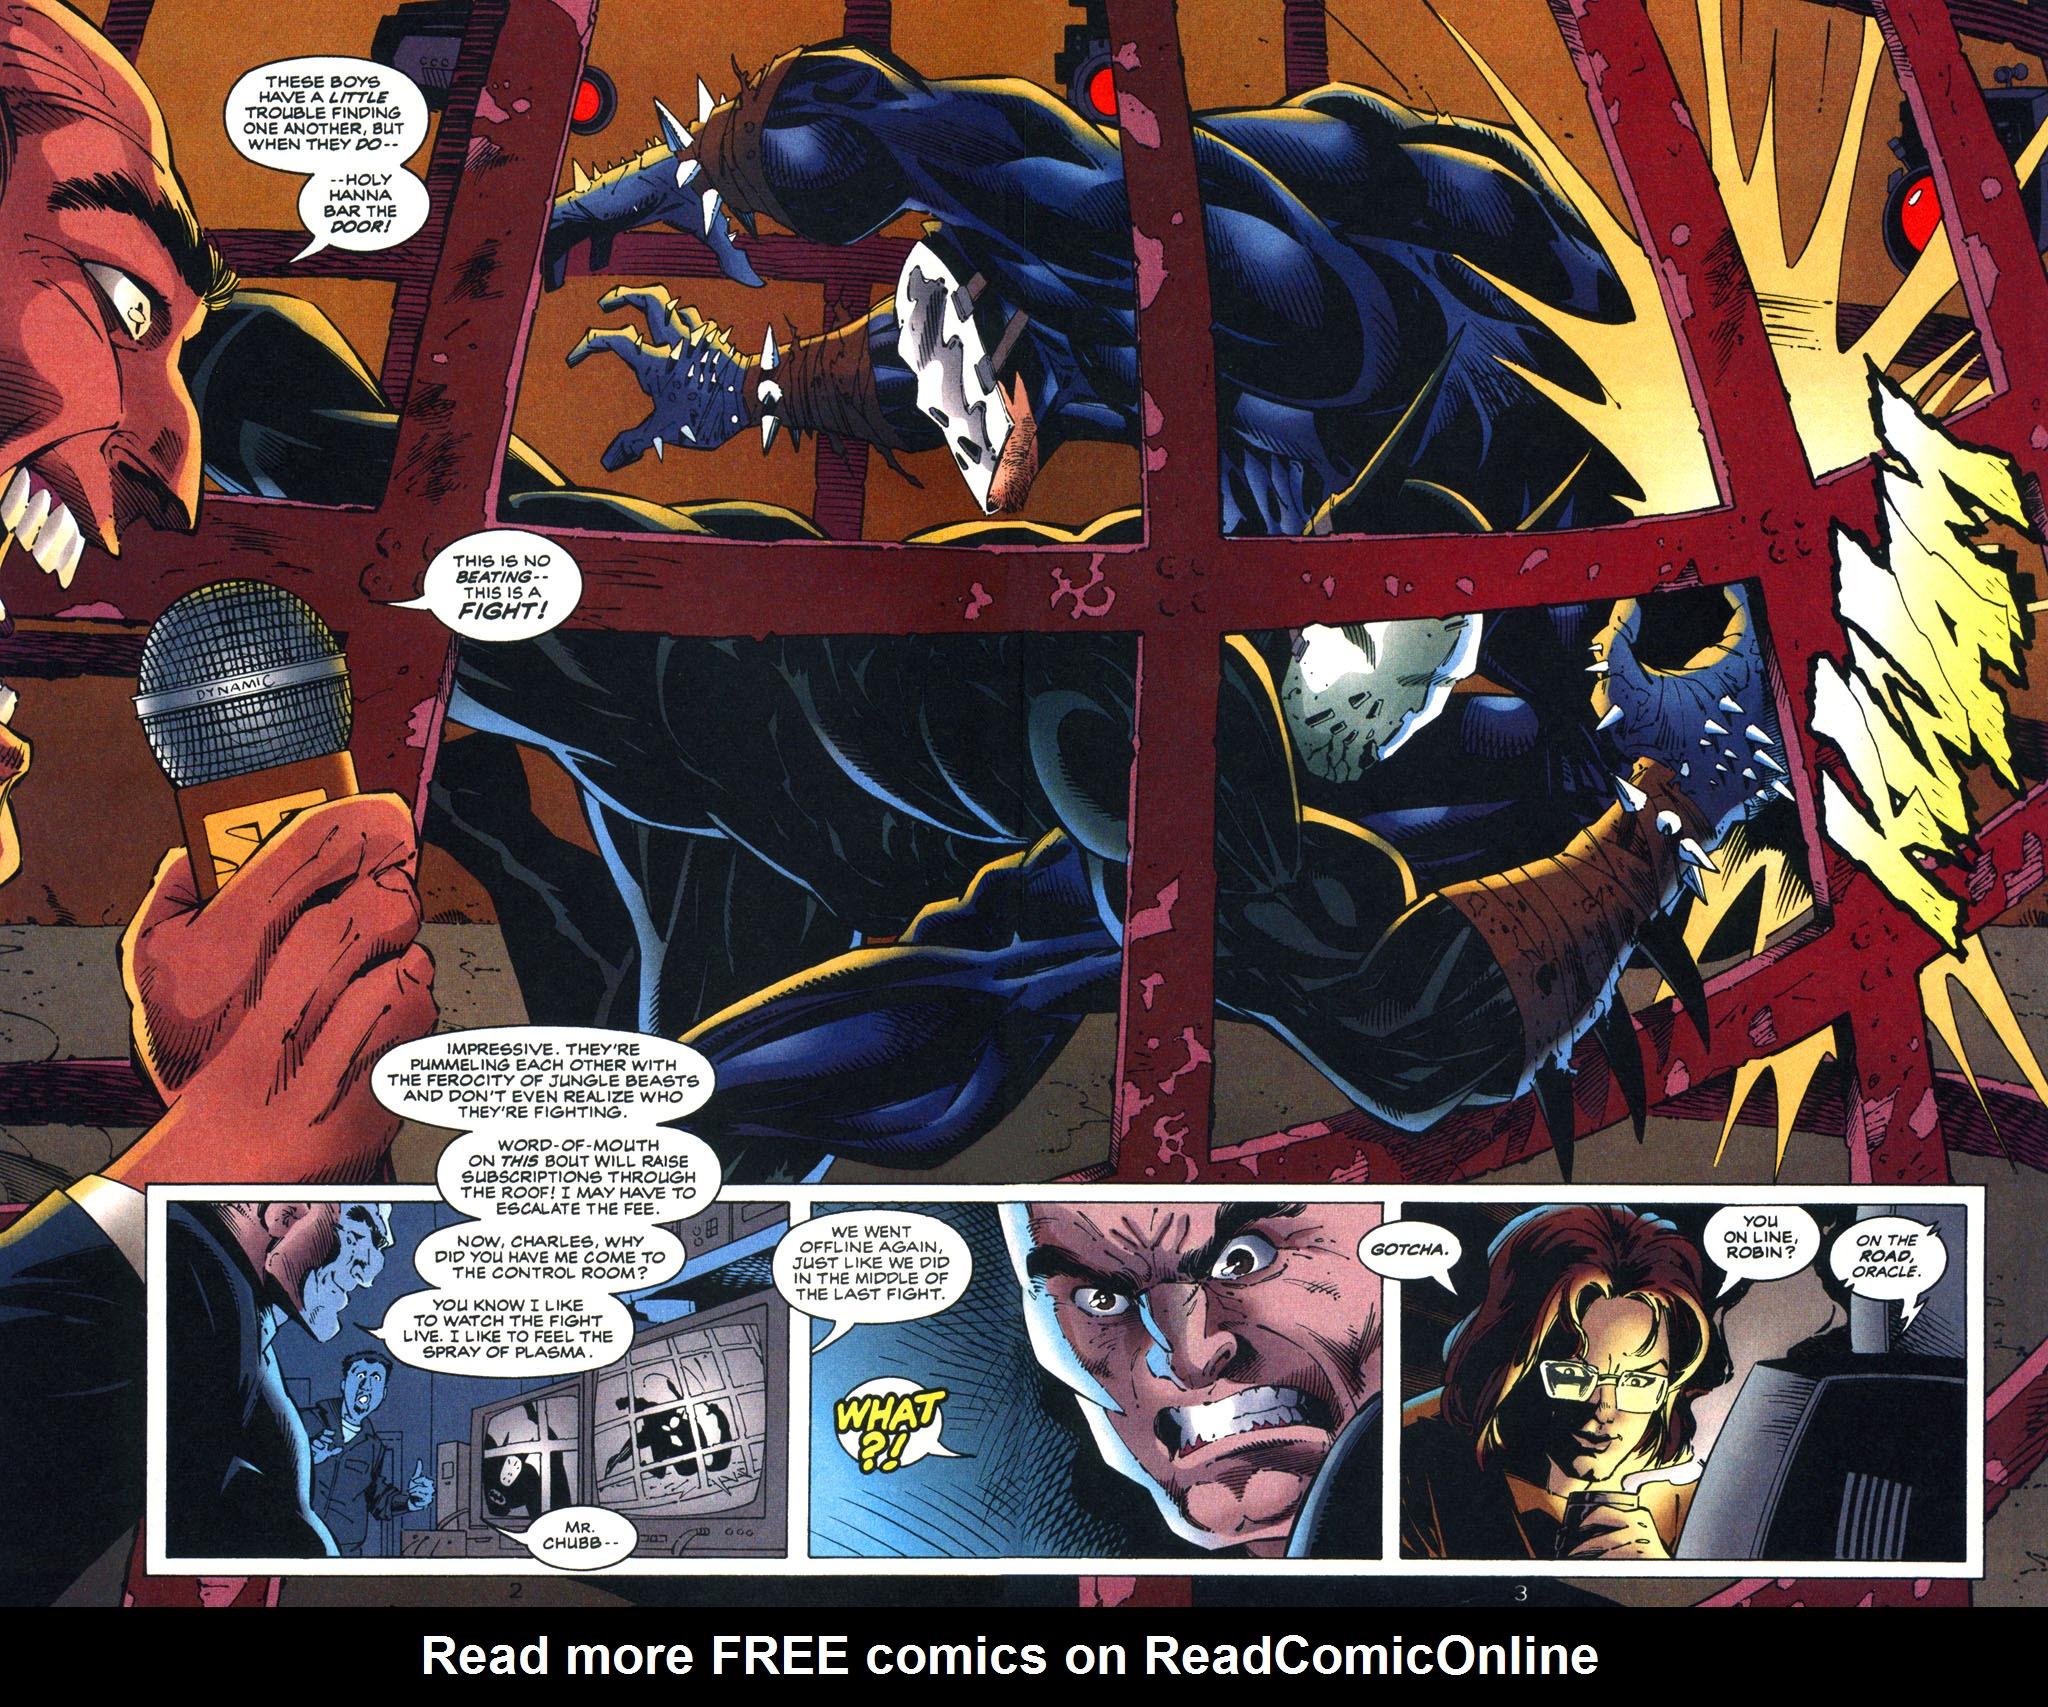 Read online Batman/Wildcat comic -  Issue #3 - 3